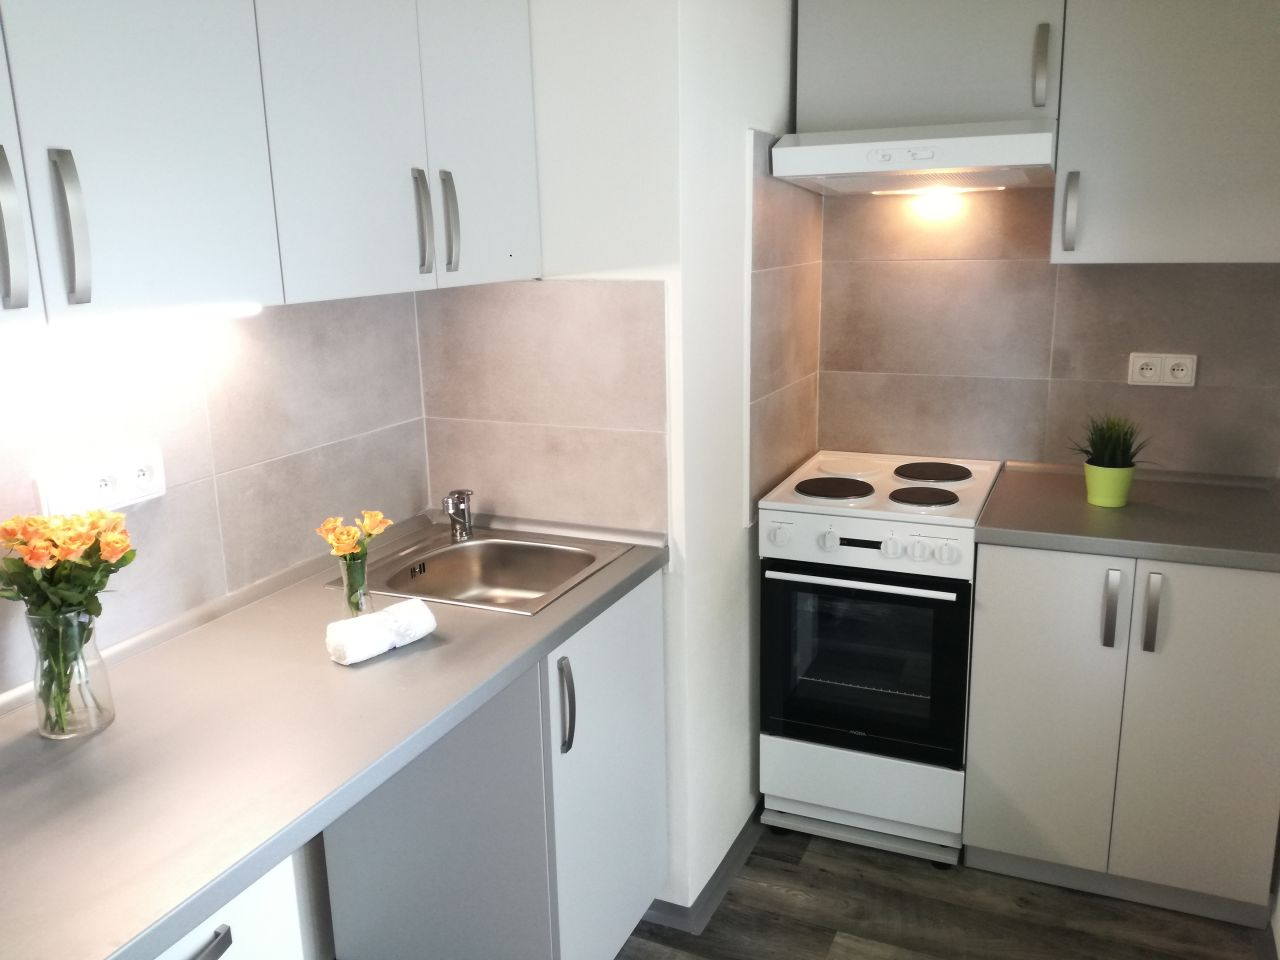 Pronájem bytu 1+1 36 m2, ul. 29. Dubna 249/13, Ostrava - Výškovice